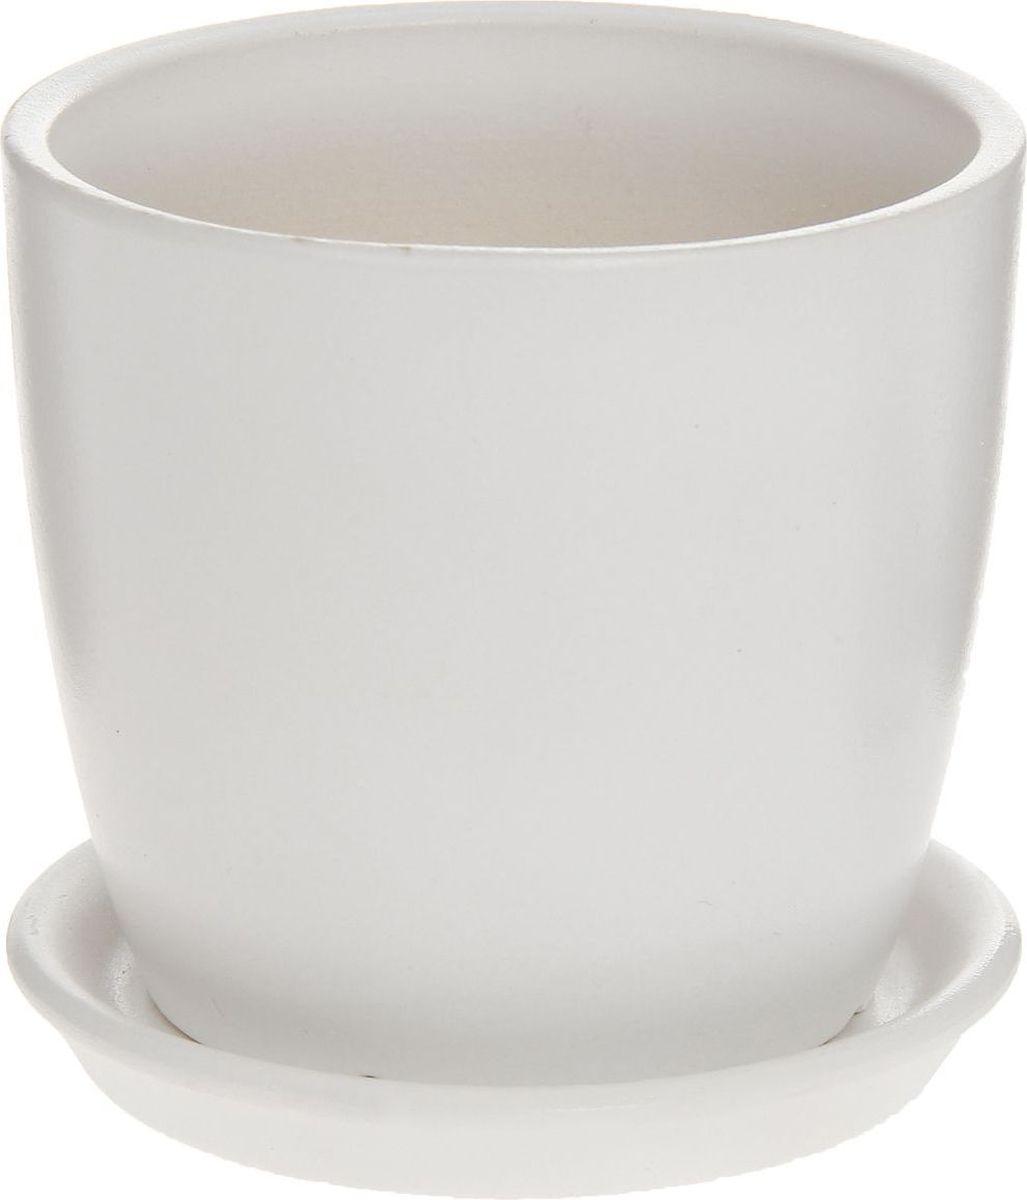 Кашпо Керамика ручной работы Осень. Глянец, цвет: белый, 0,5 л1170264Комнатные растения - всеобщие любимцы. Они радуют глаз, насыщают помещение кислородом и украшают пространство. Каждому из них необходим свой удобный и красивый дом.Кашпо из керамики Осень. Глянец прекрасно подходит для высадки растений: за счёт пластичности глины и разных способов обработки существует великое множество форм и дизайнов; пористый материал позволяет испаряться лишней влаге; воздух, необходимый для дыхания корней, проникает сквозь керамические стенки.Кашпо для цветов освежит интерьер и подчеркнёт его стиль.